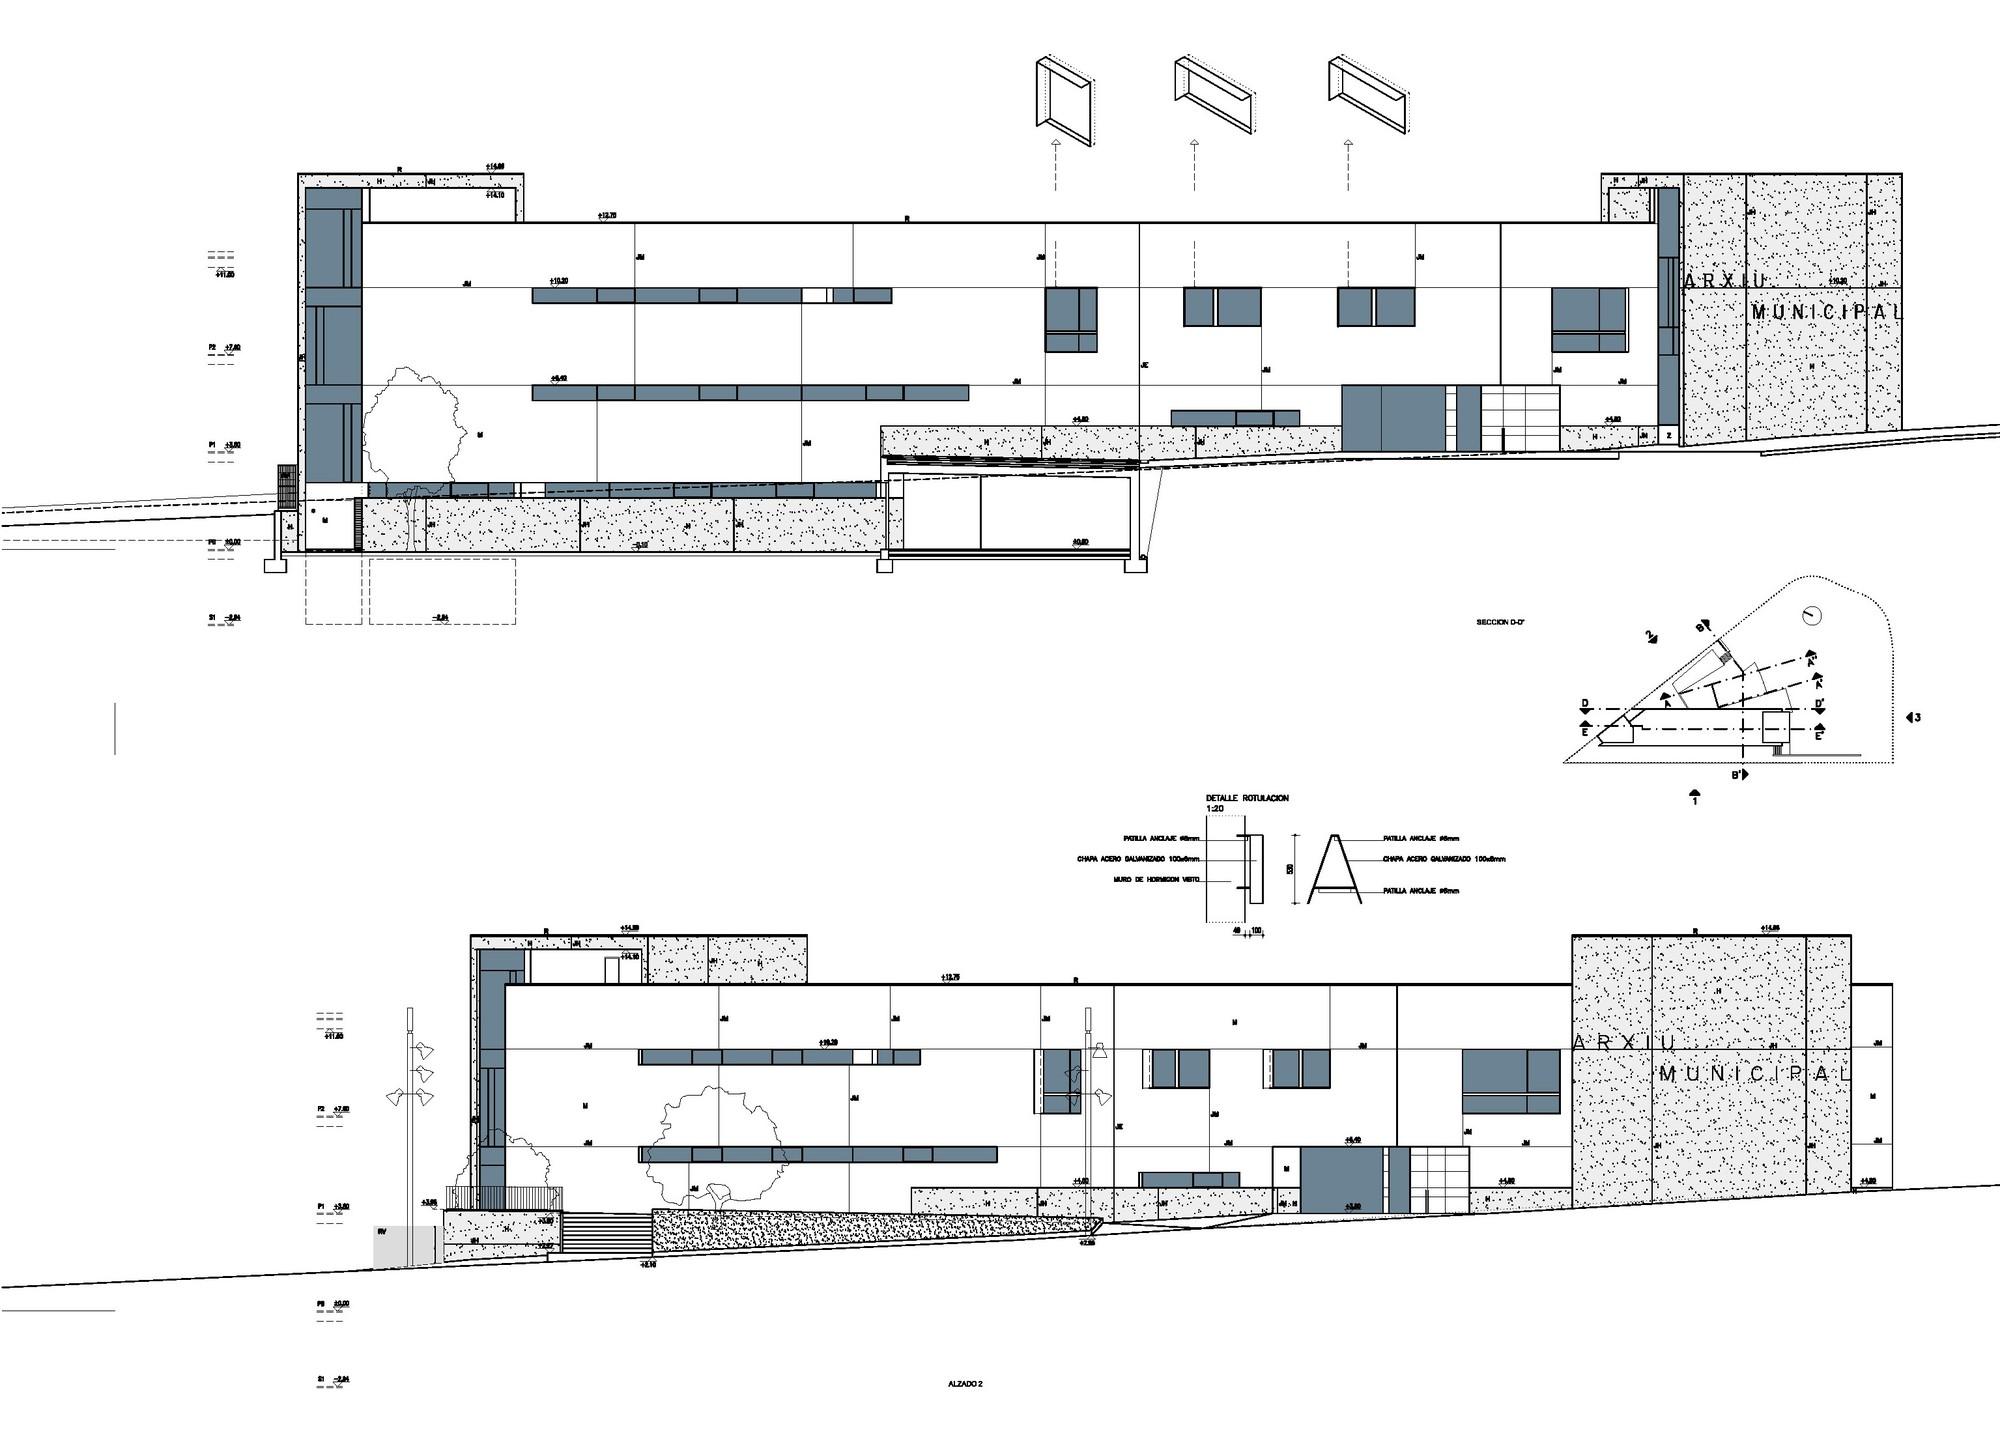 Galeria de arquivo hist rico municipal de elche julio - Arquitectos elche ...